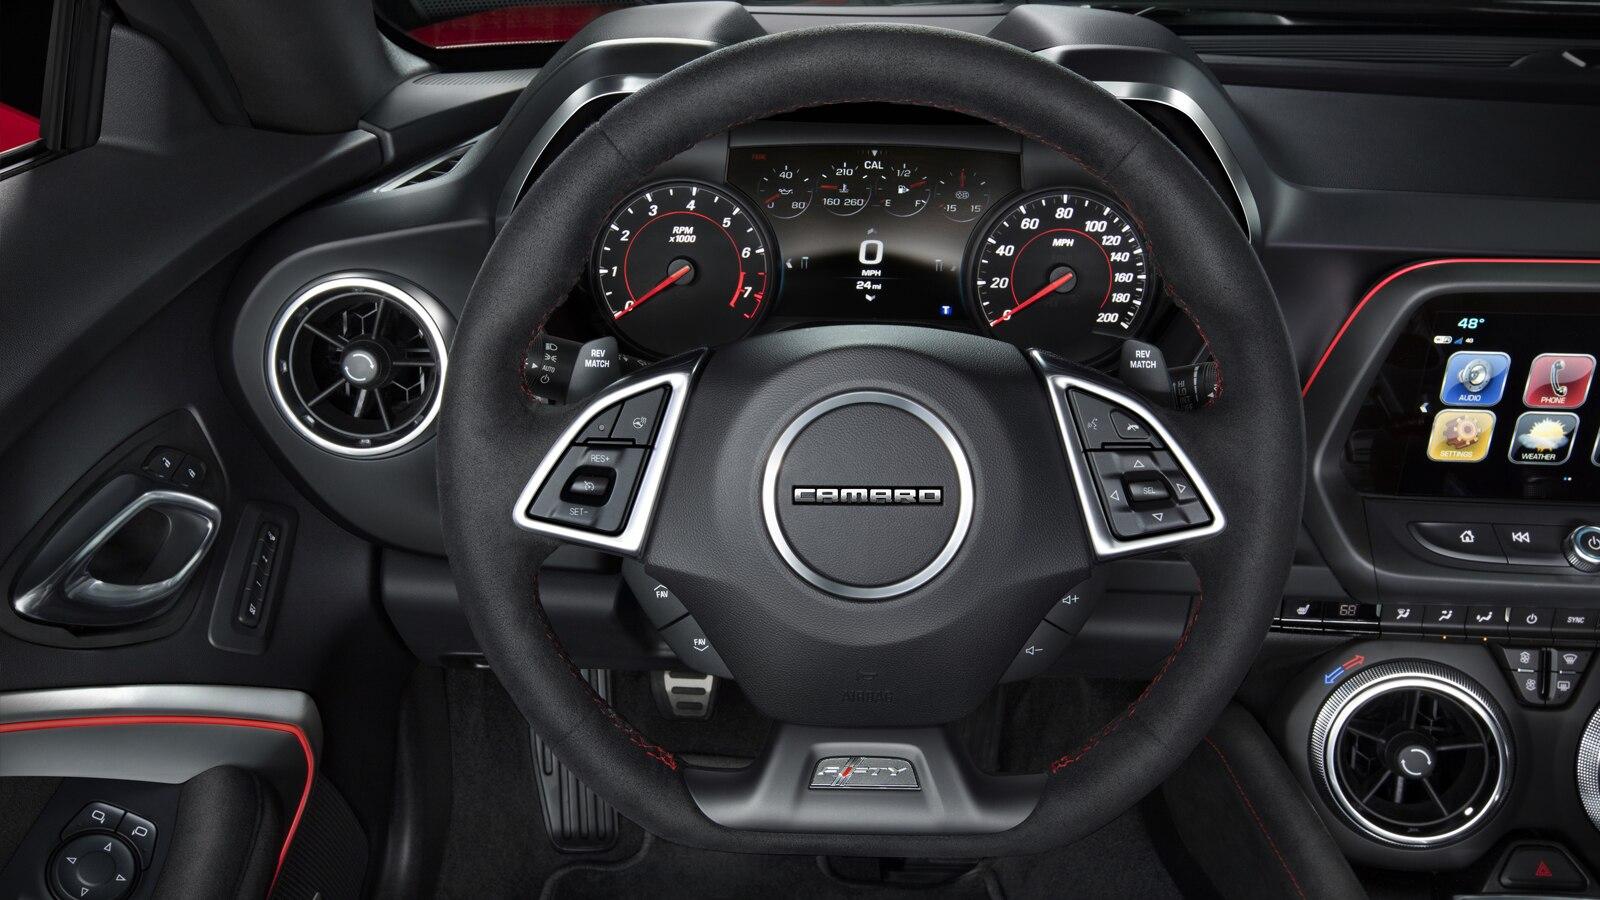 El voltante calefaccionado disponible de Camaro, con costuras color Rojo.